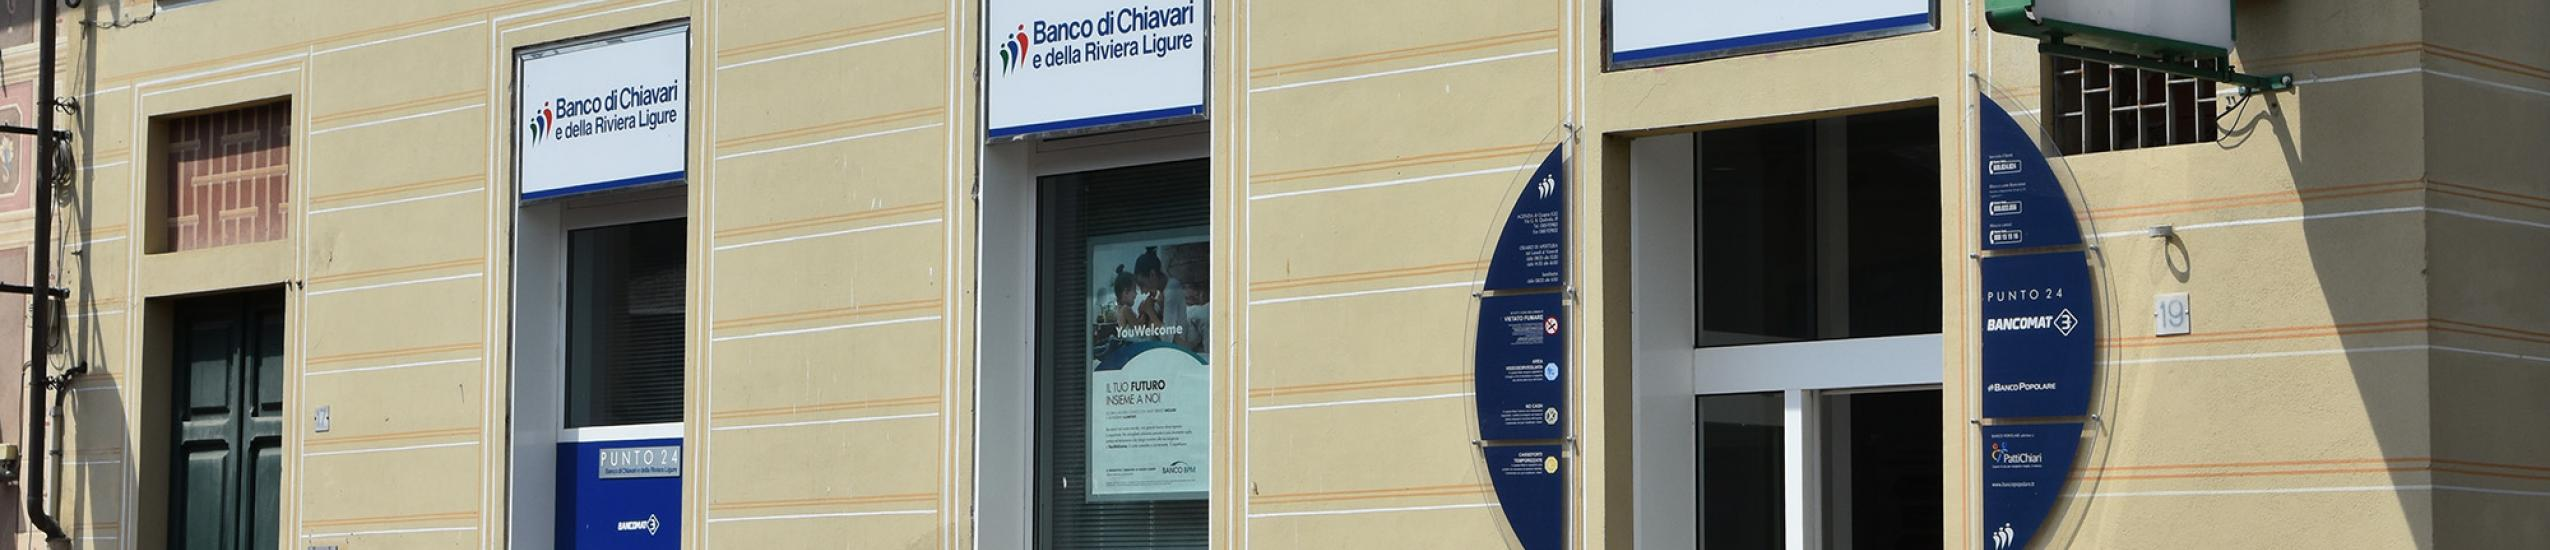 Banco di Chiavari Cicagna